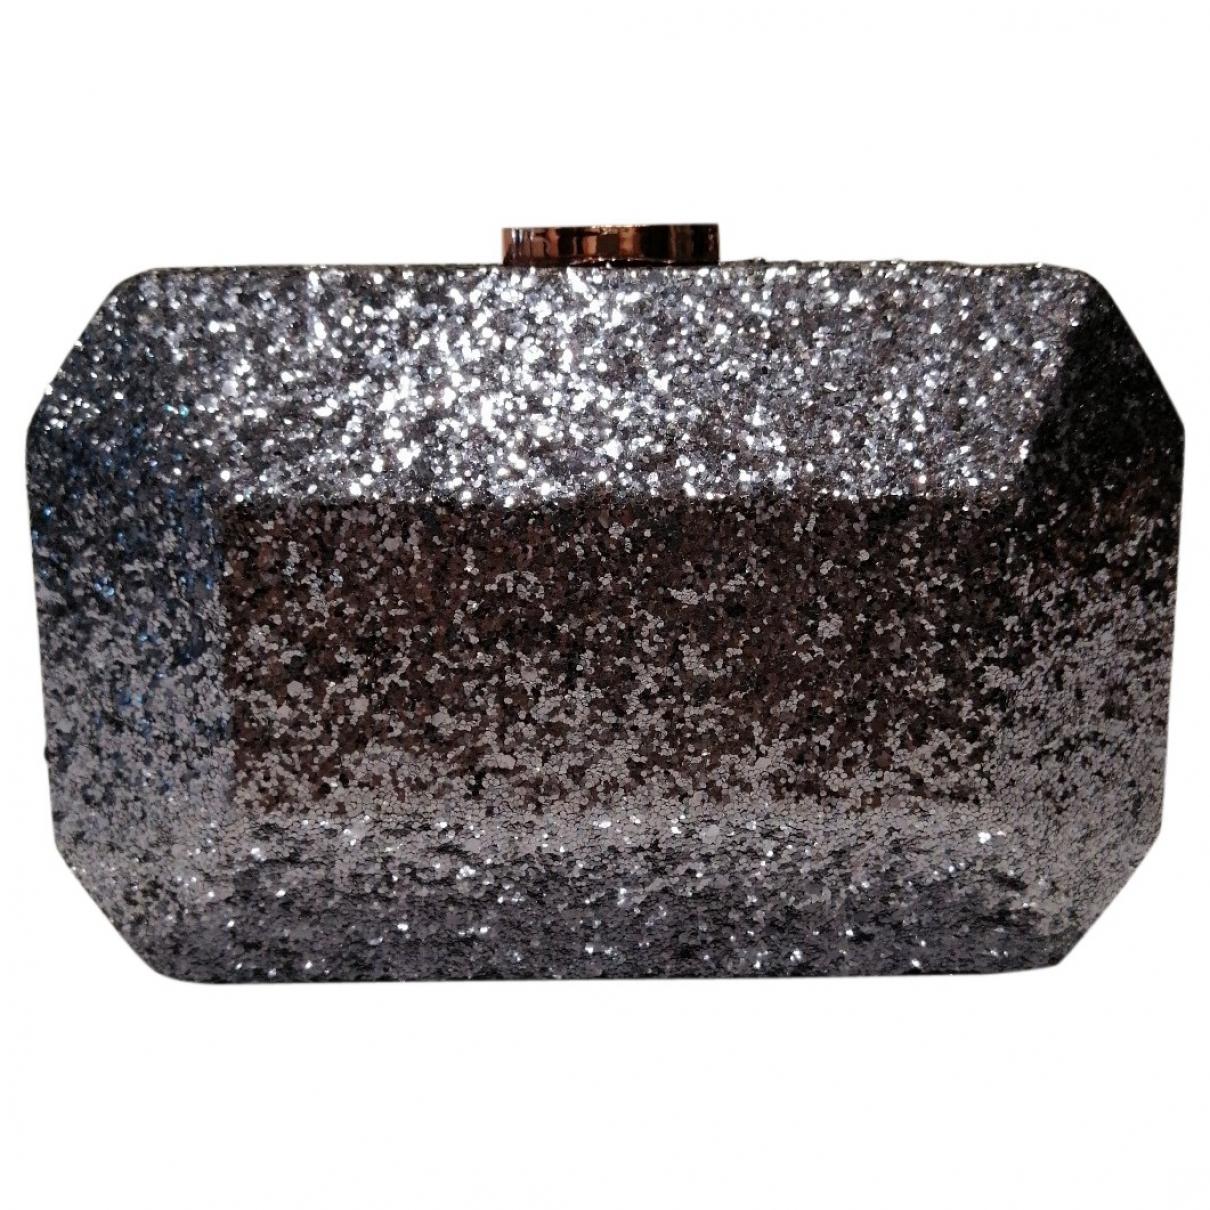 Just Cavalli \N Clutch in  Metallic Mit Pailletten